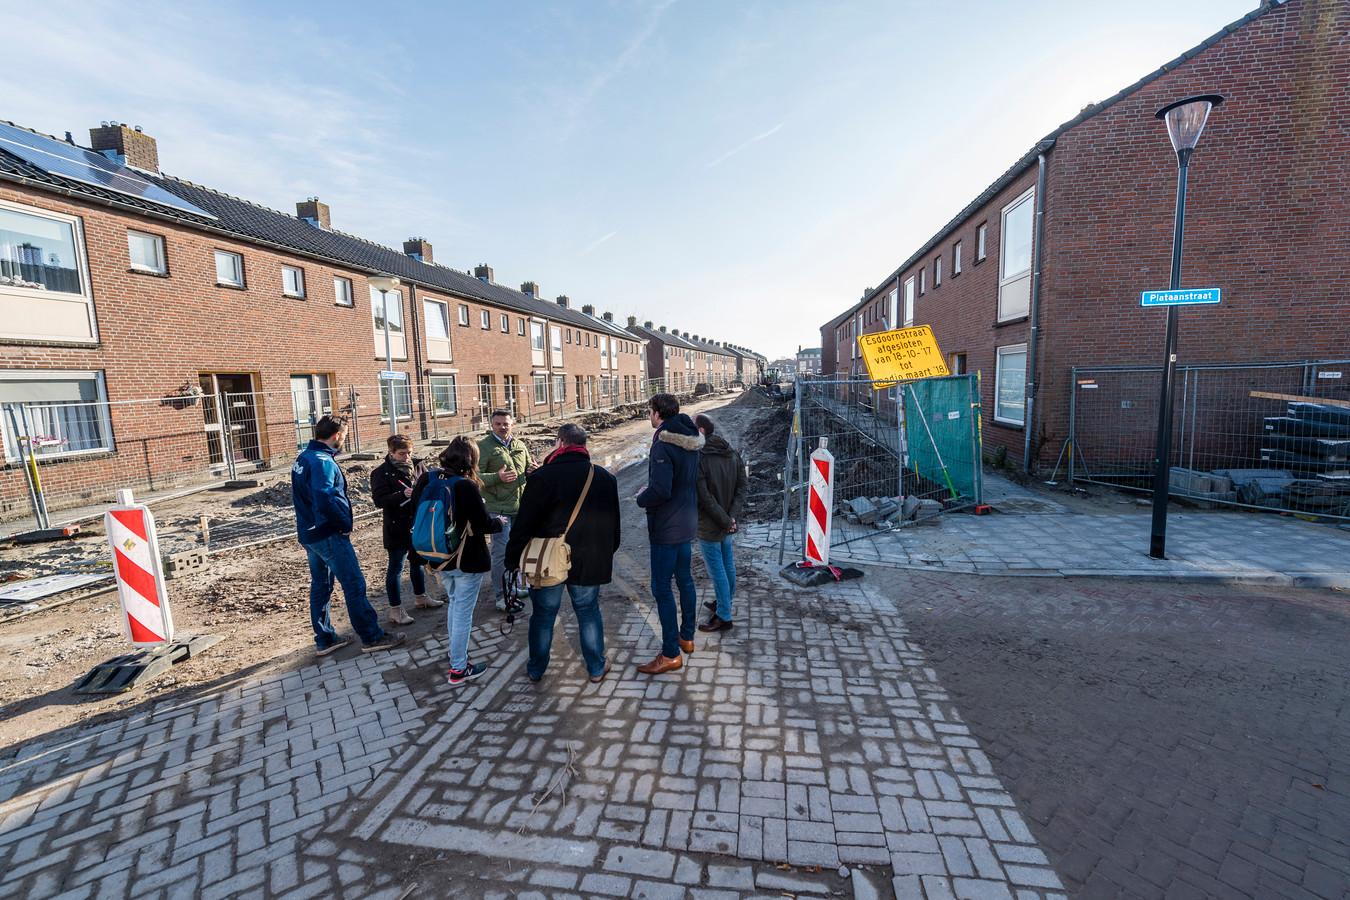 De wijk Gageldonk in Bergen op Zoom is in de voorbije jaren helemaal op de schop gegaan. Het is een van de stadsvernieuwingsprojecten van Stadlander.